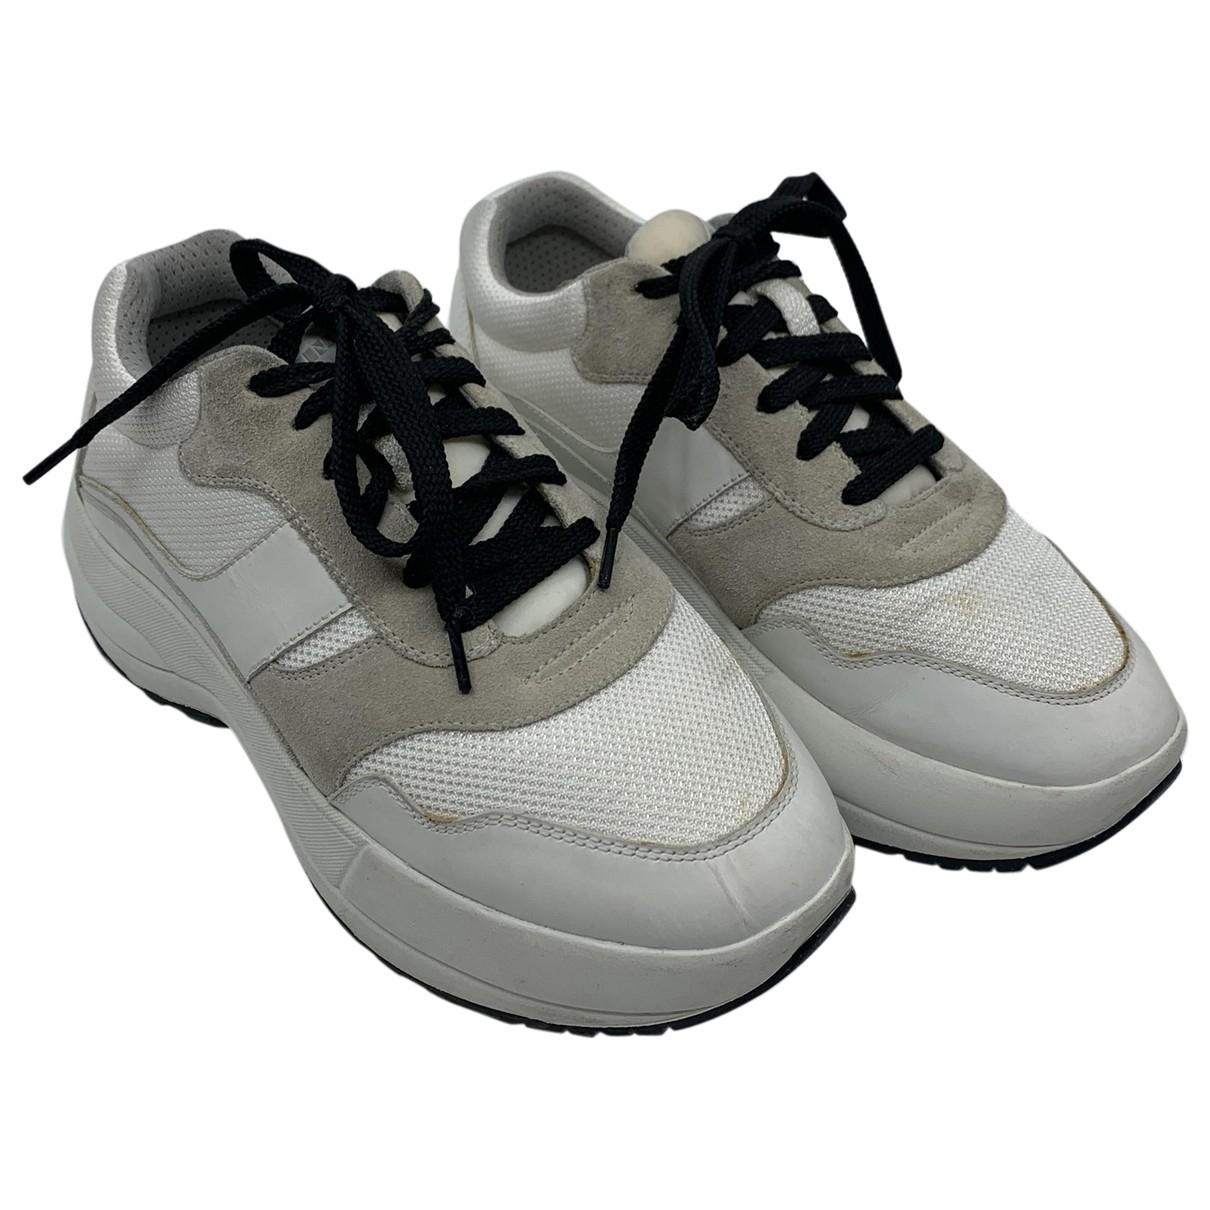 Celine - Baskets Delivery pour femme en cuir - blanc